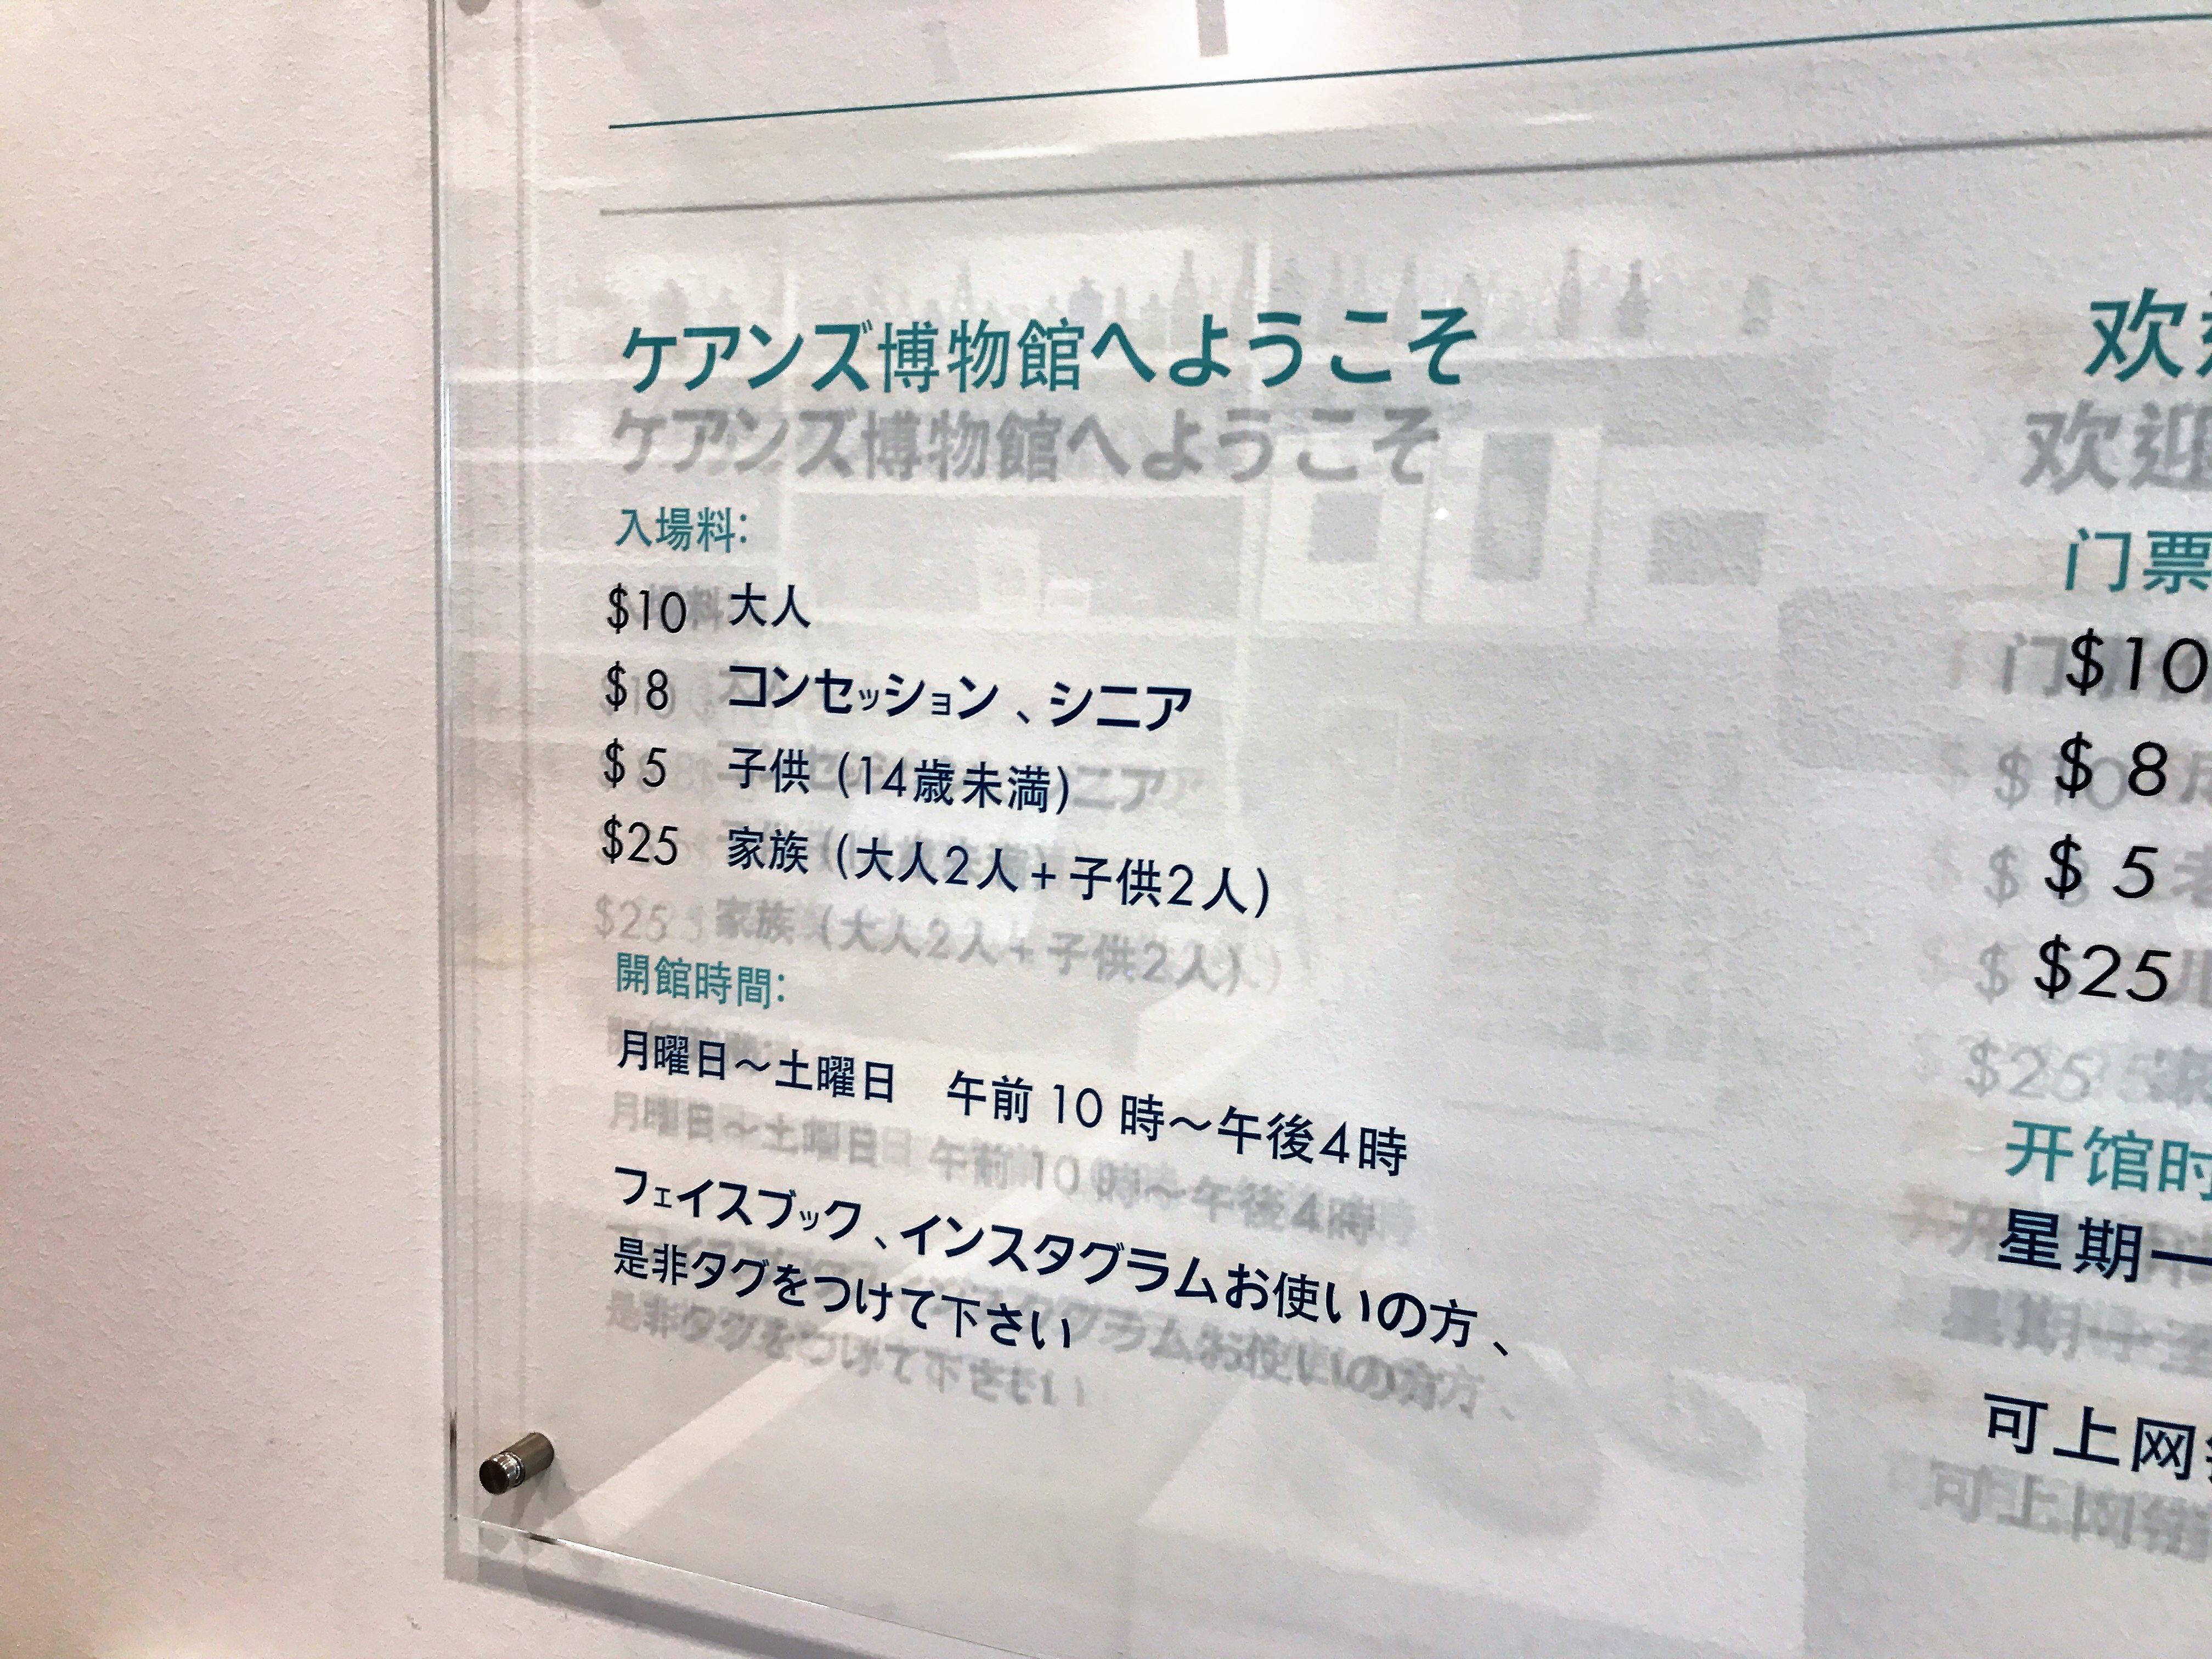 <p>ミュージアムの中には日本語の表示もちらほら。</p>